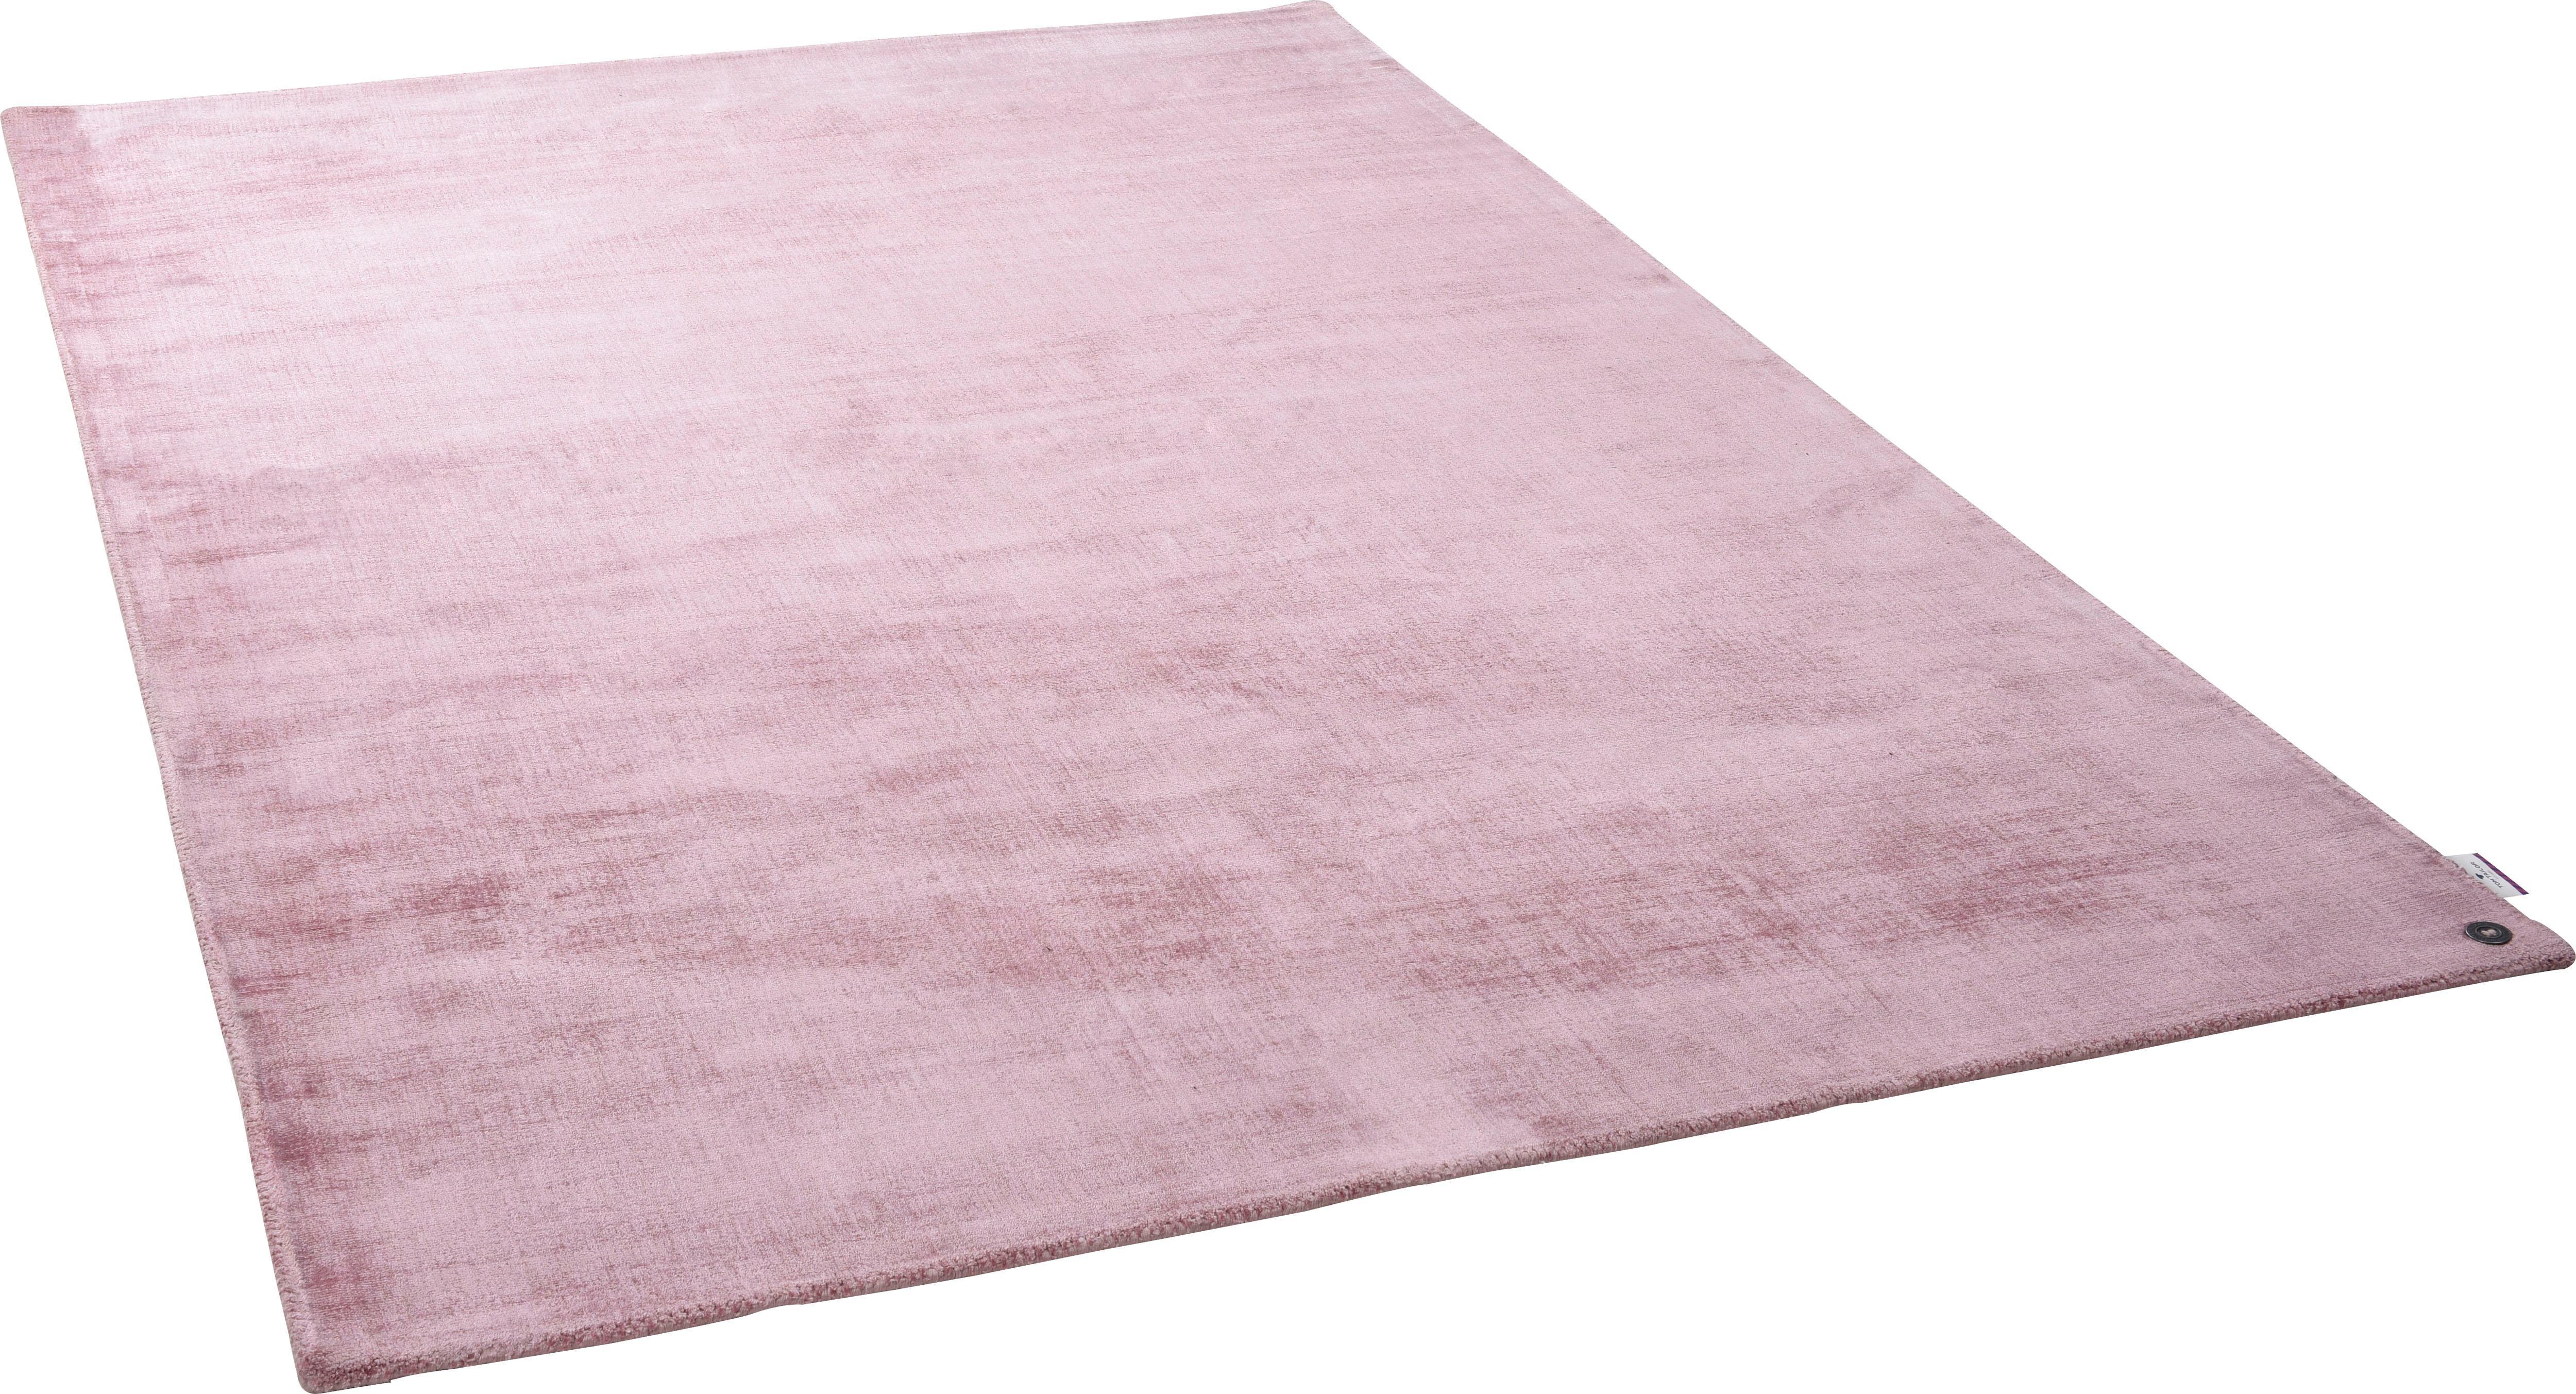 Teppich Shine uni TOM TAILOR rechteckig Höhe 8 mm handgewebt